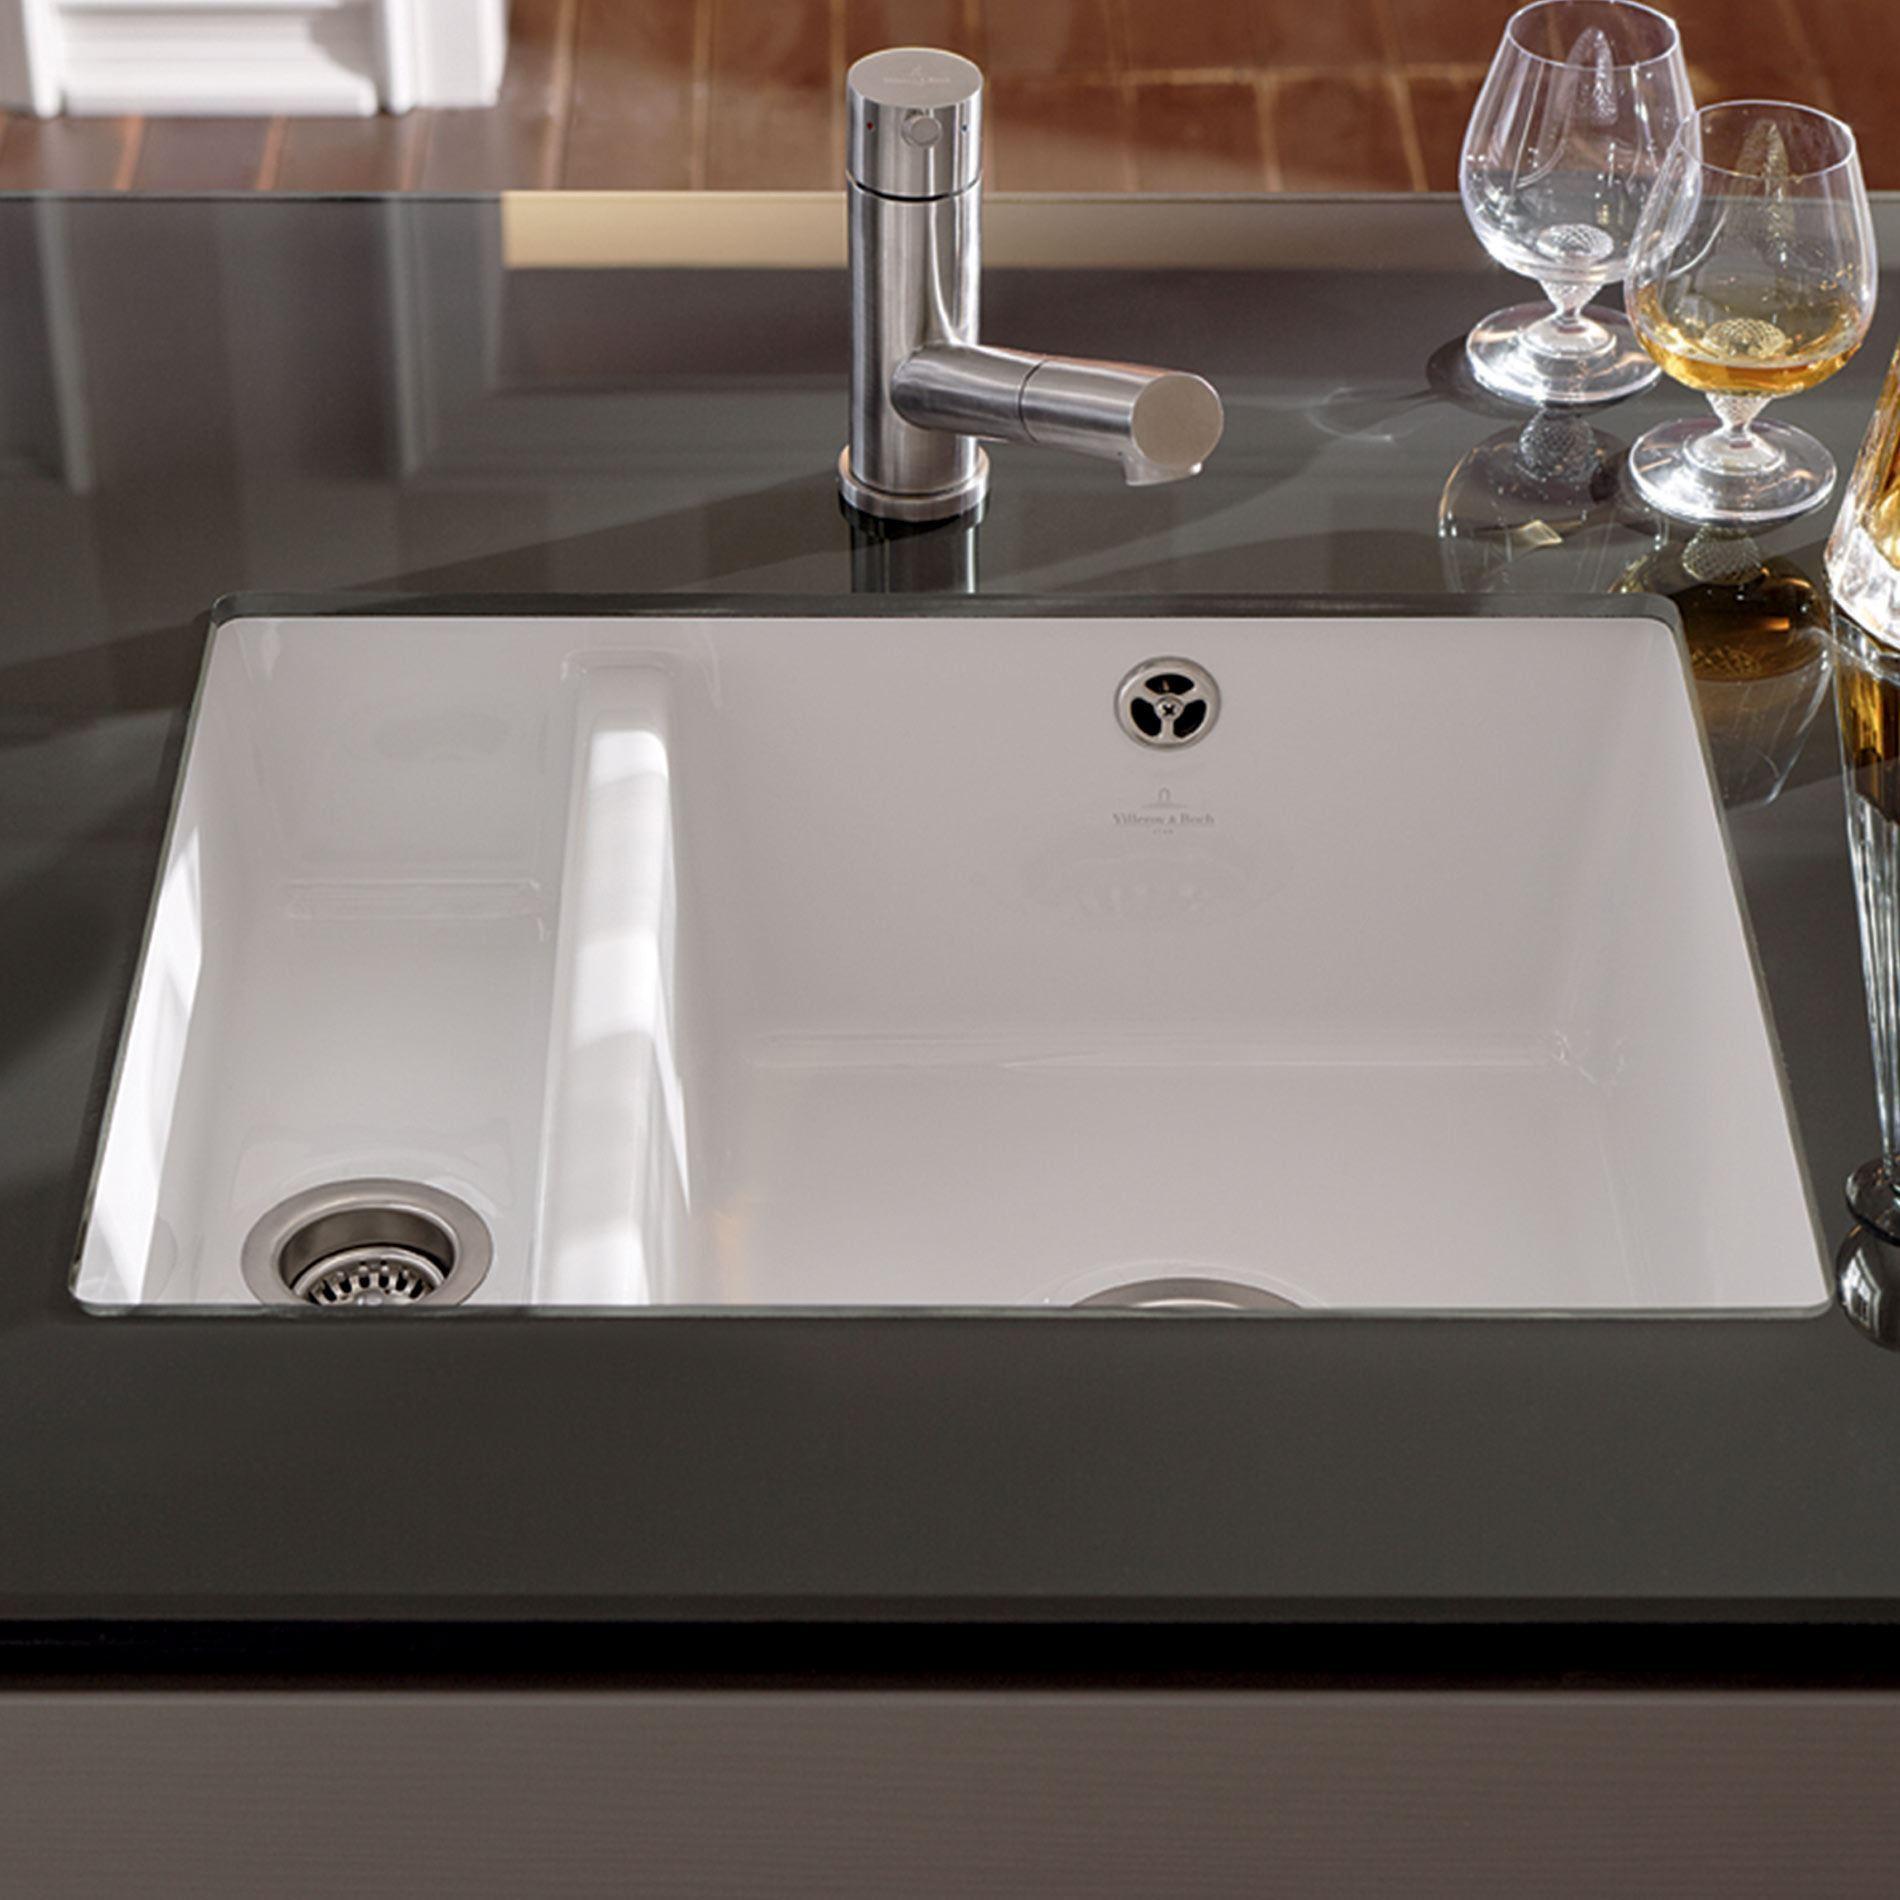 Villeroy & Boch: Subway 60XU Ceramic Sink - Kitchen Sinks & Taps